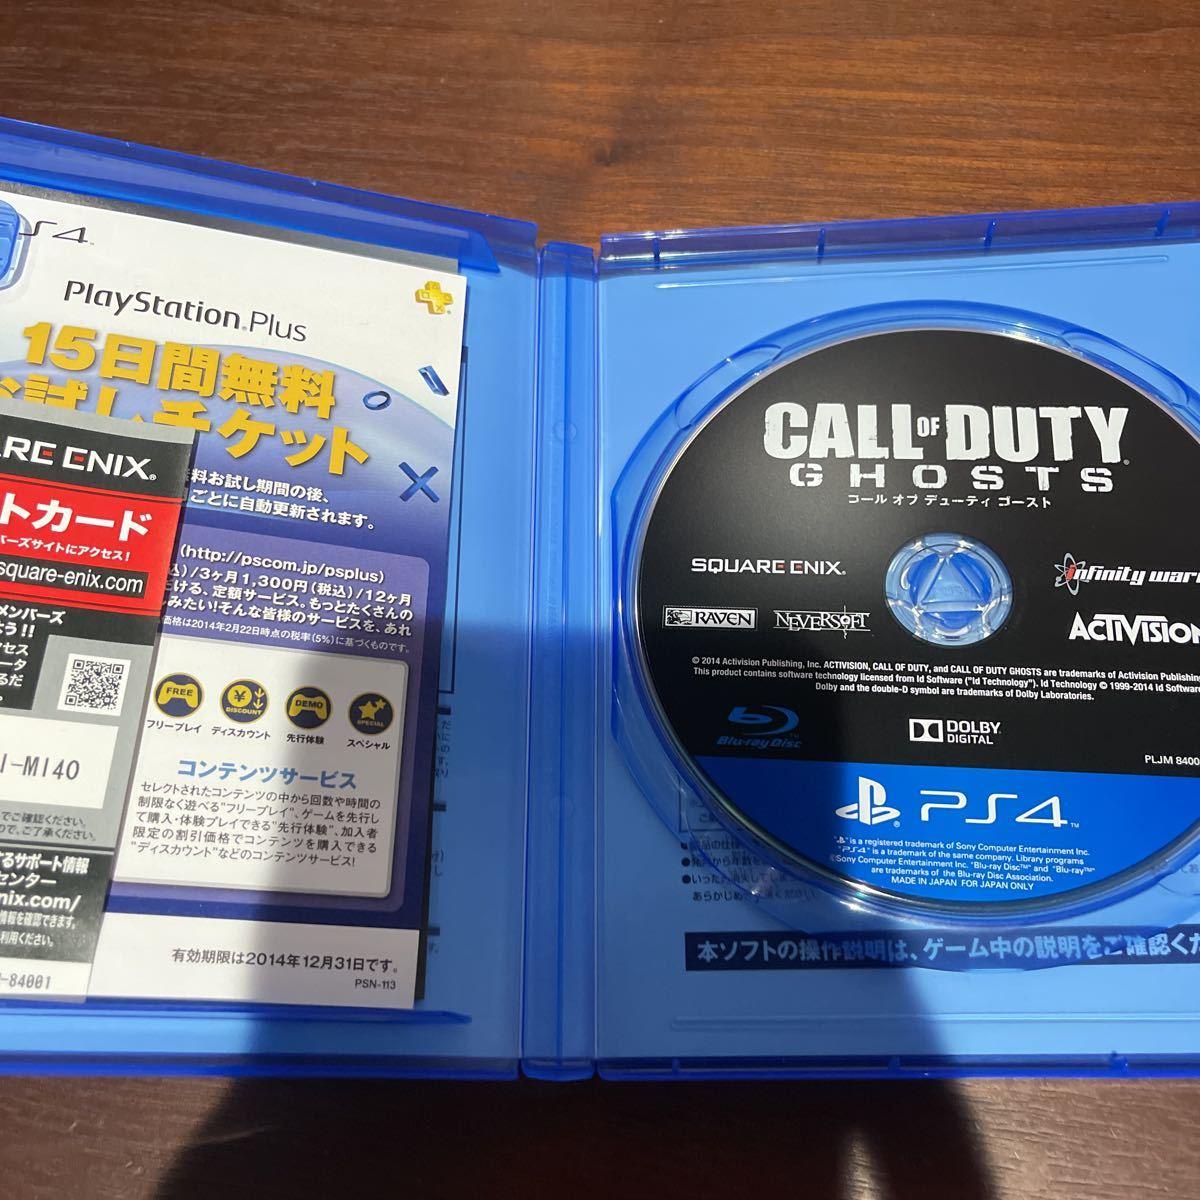 【中古】PS4 コール オブ デューティ ゴースト call of duty ghosts PLJM84001_画像2